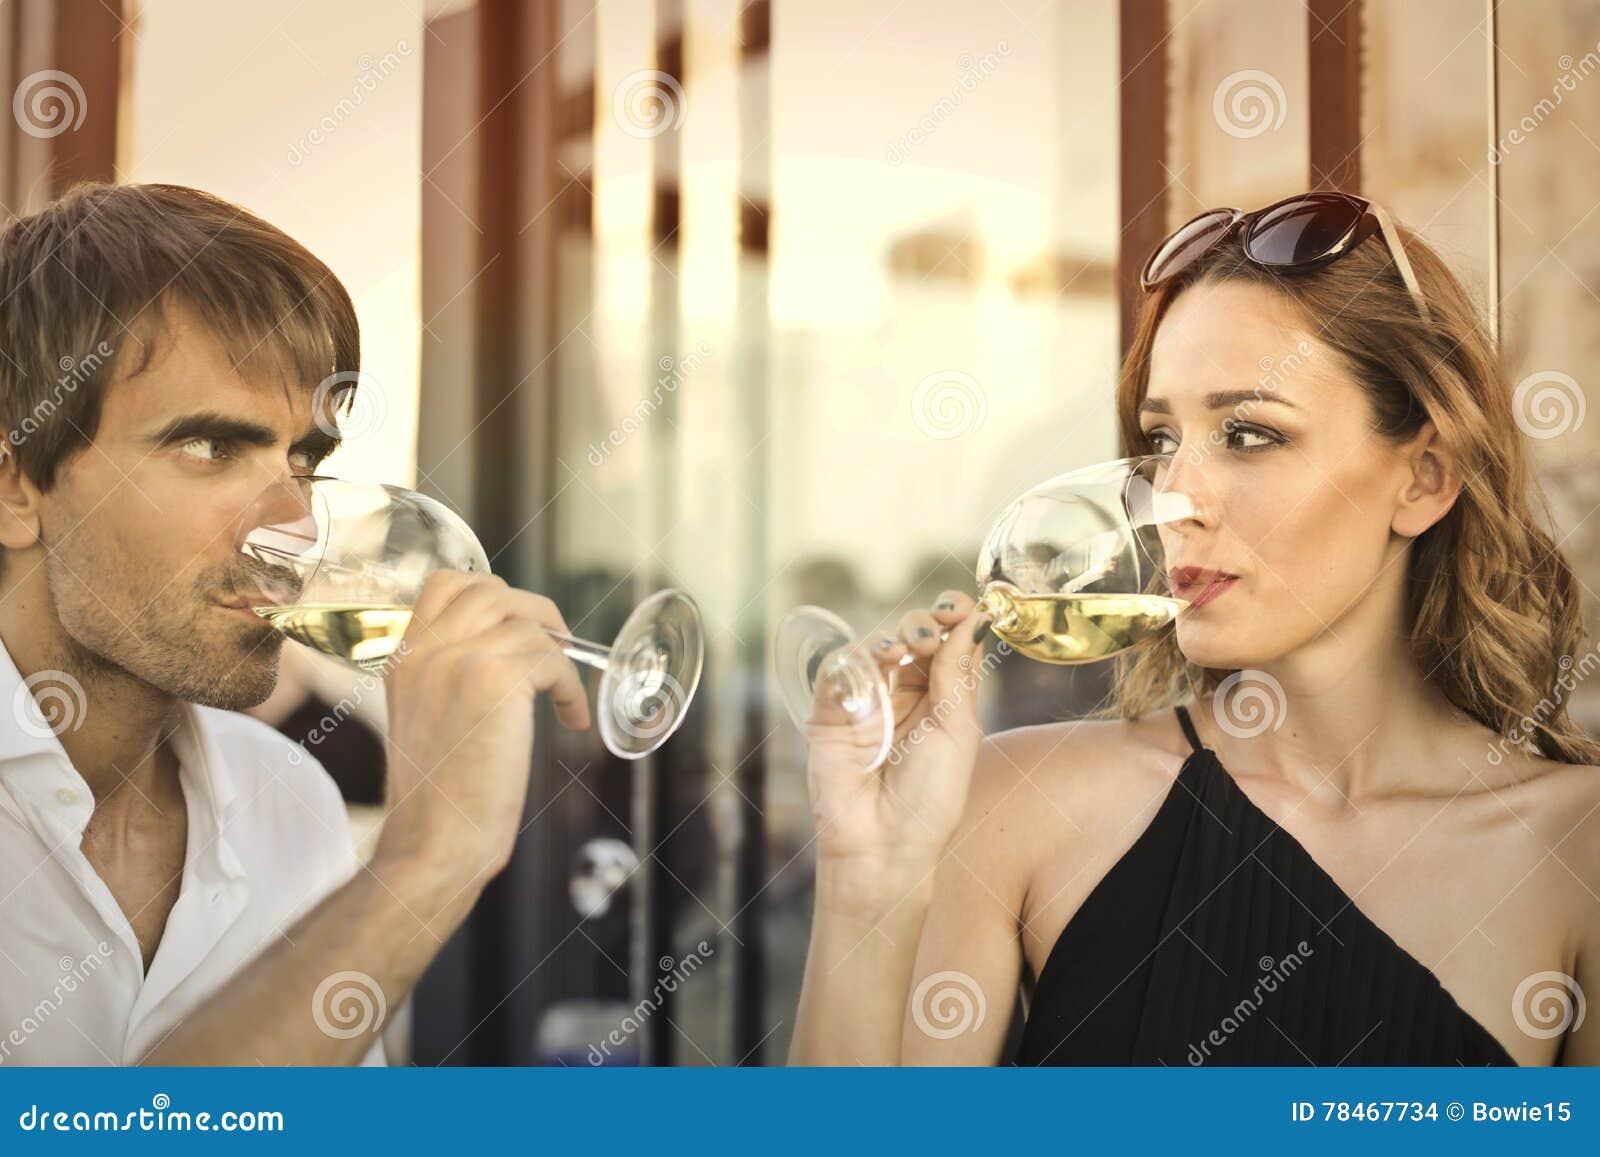 El vino es romántico